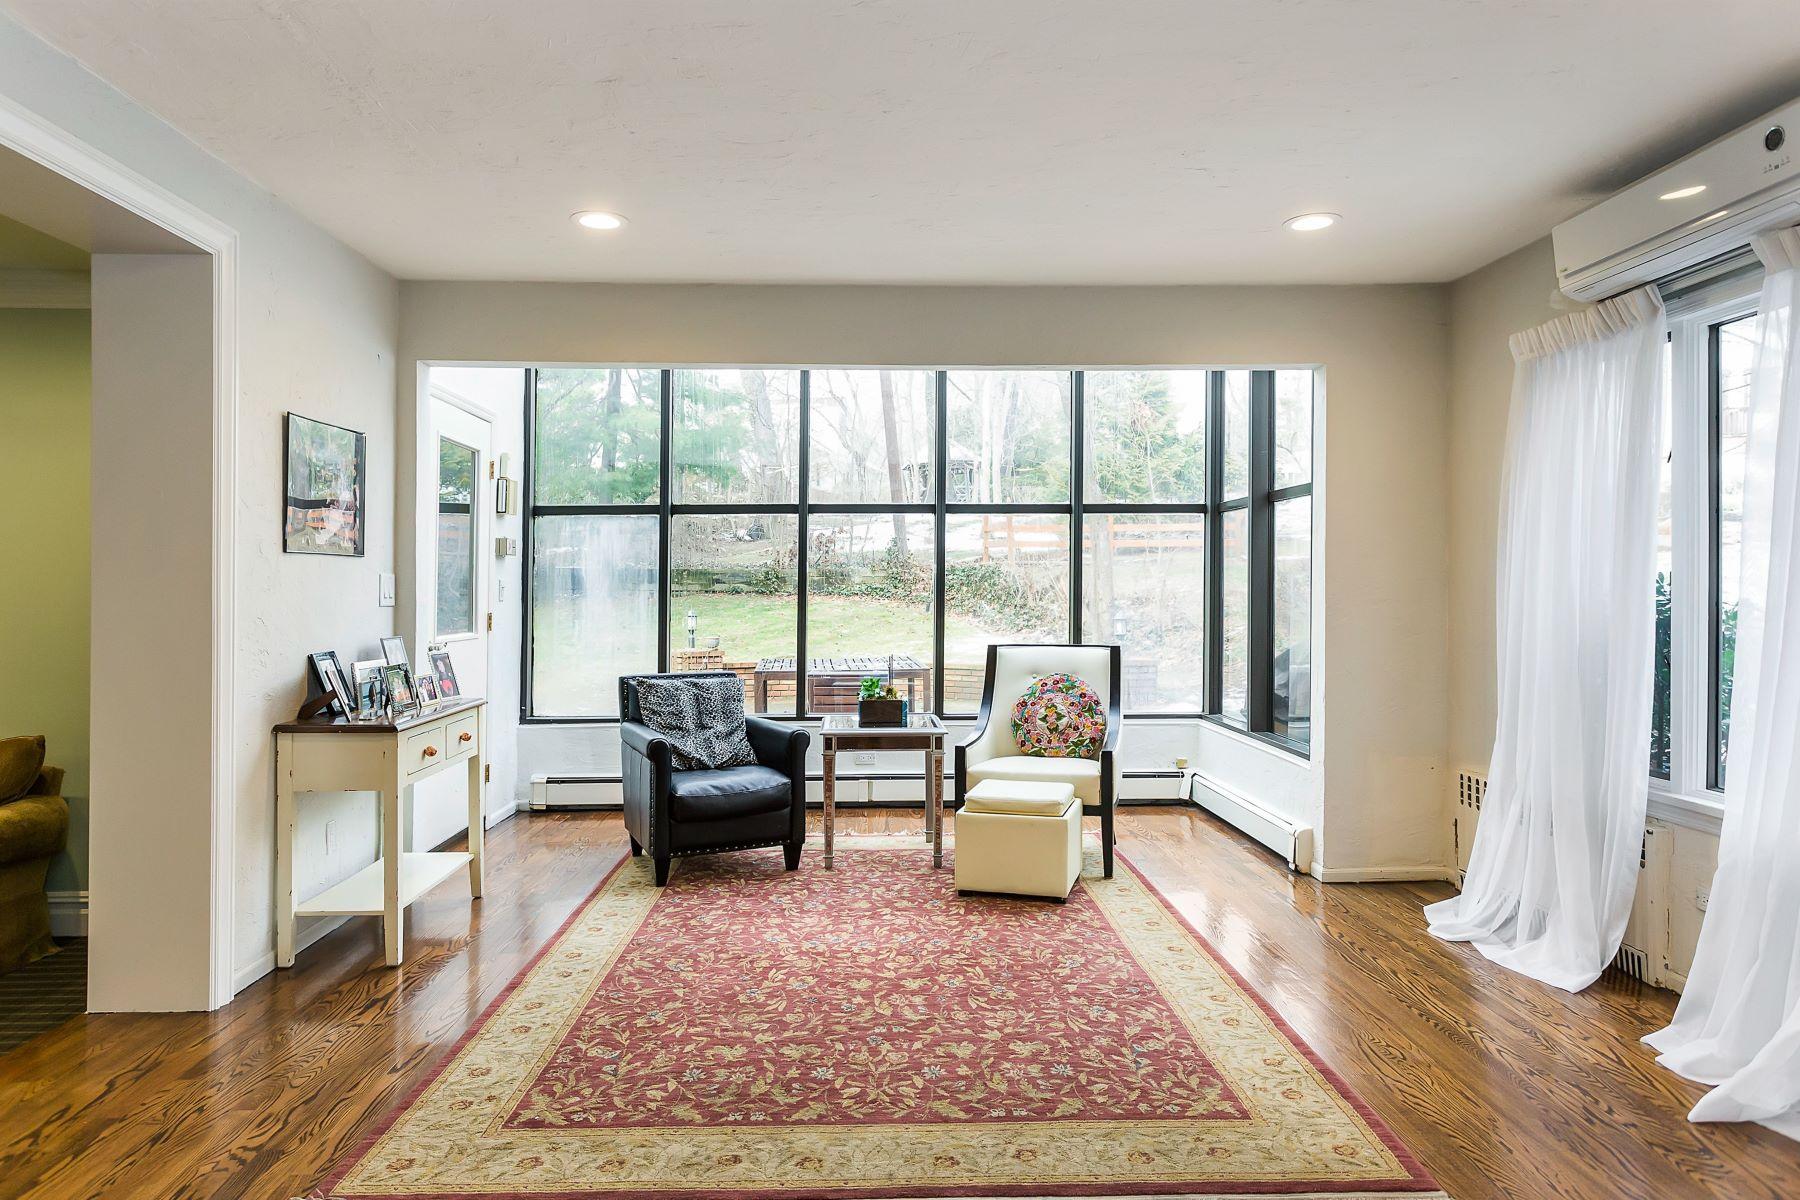 Частный односемейный дом для того Продажа на 43 Deepdale Dr , Great Neck, NY 11021 43 Deepdale Dr, Great Neck, Нью-Йорк, 11021 Соединенные Штаты